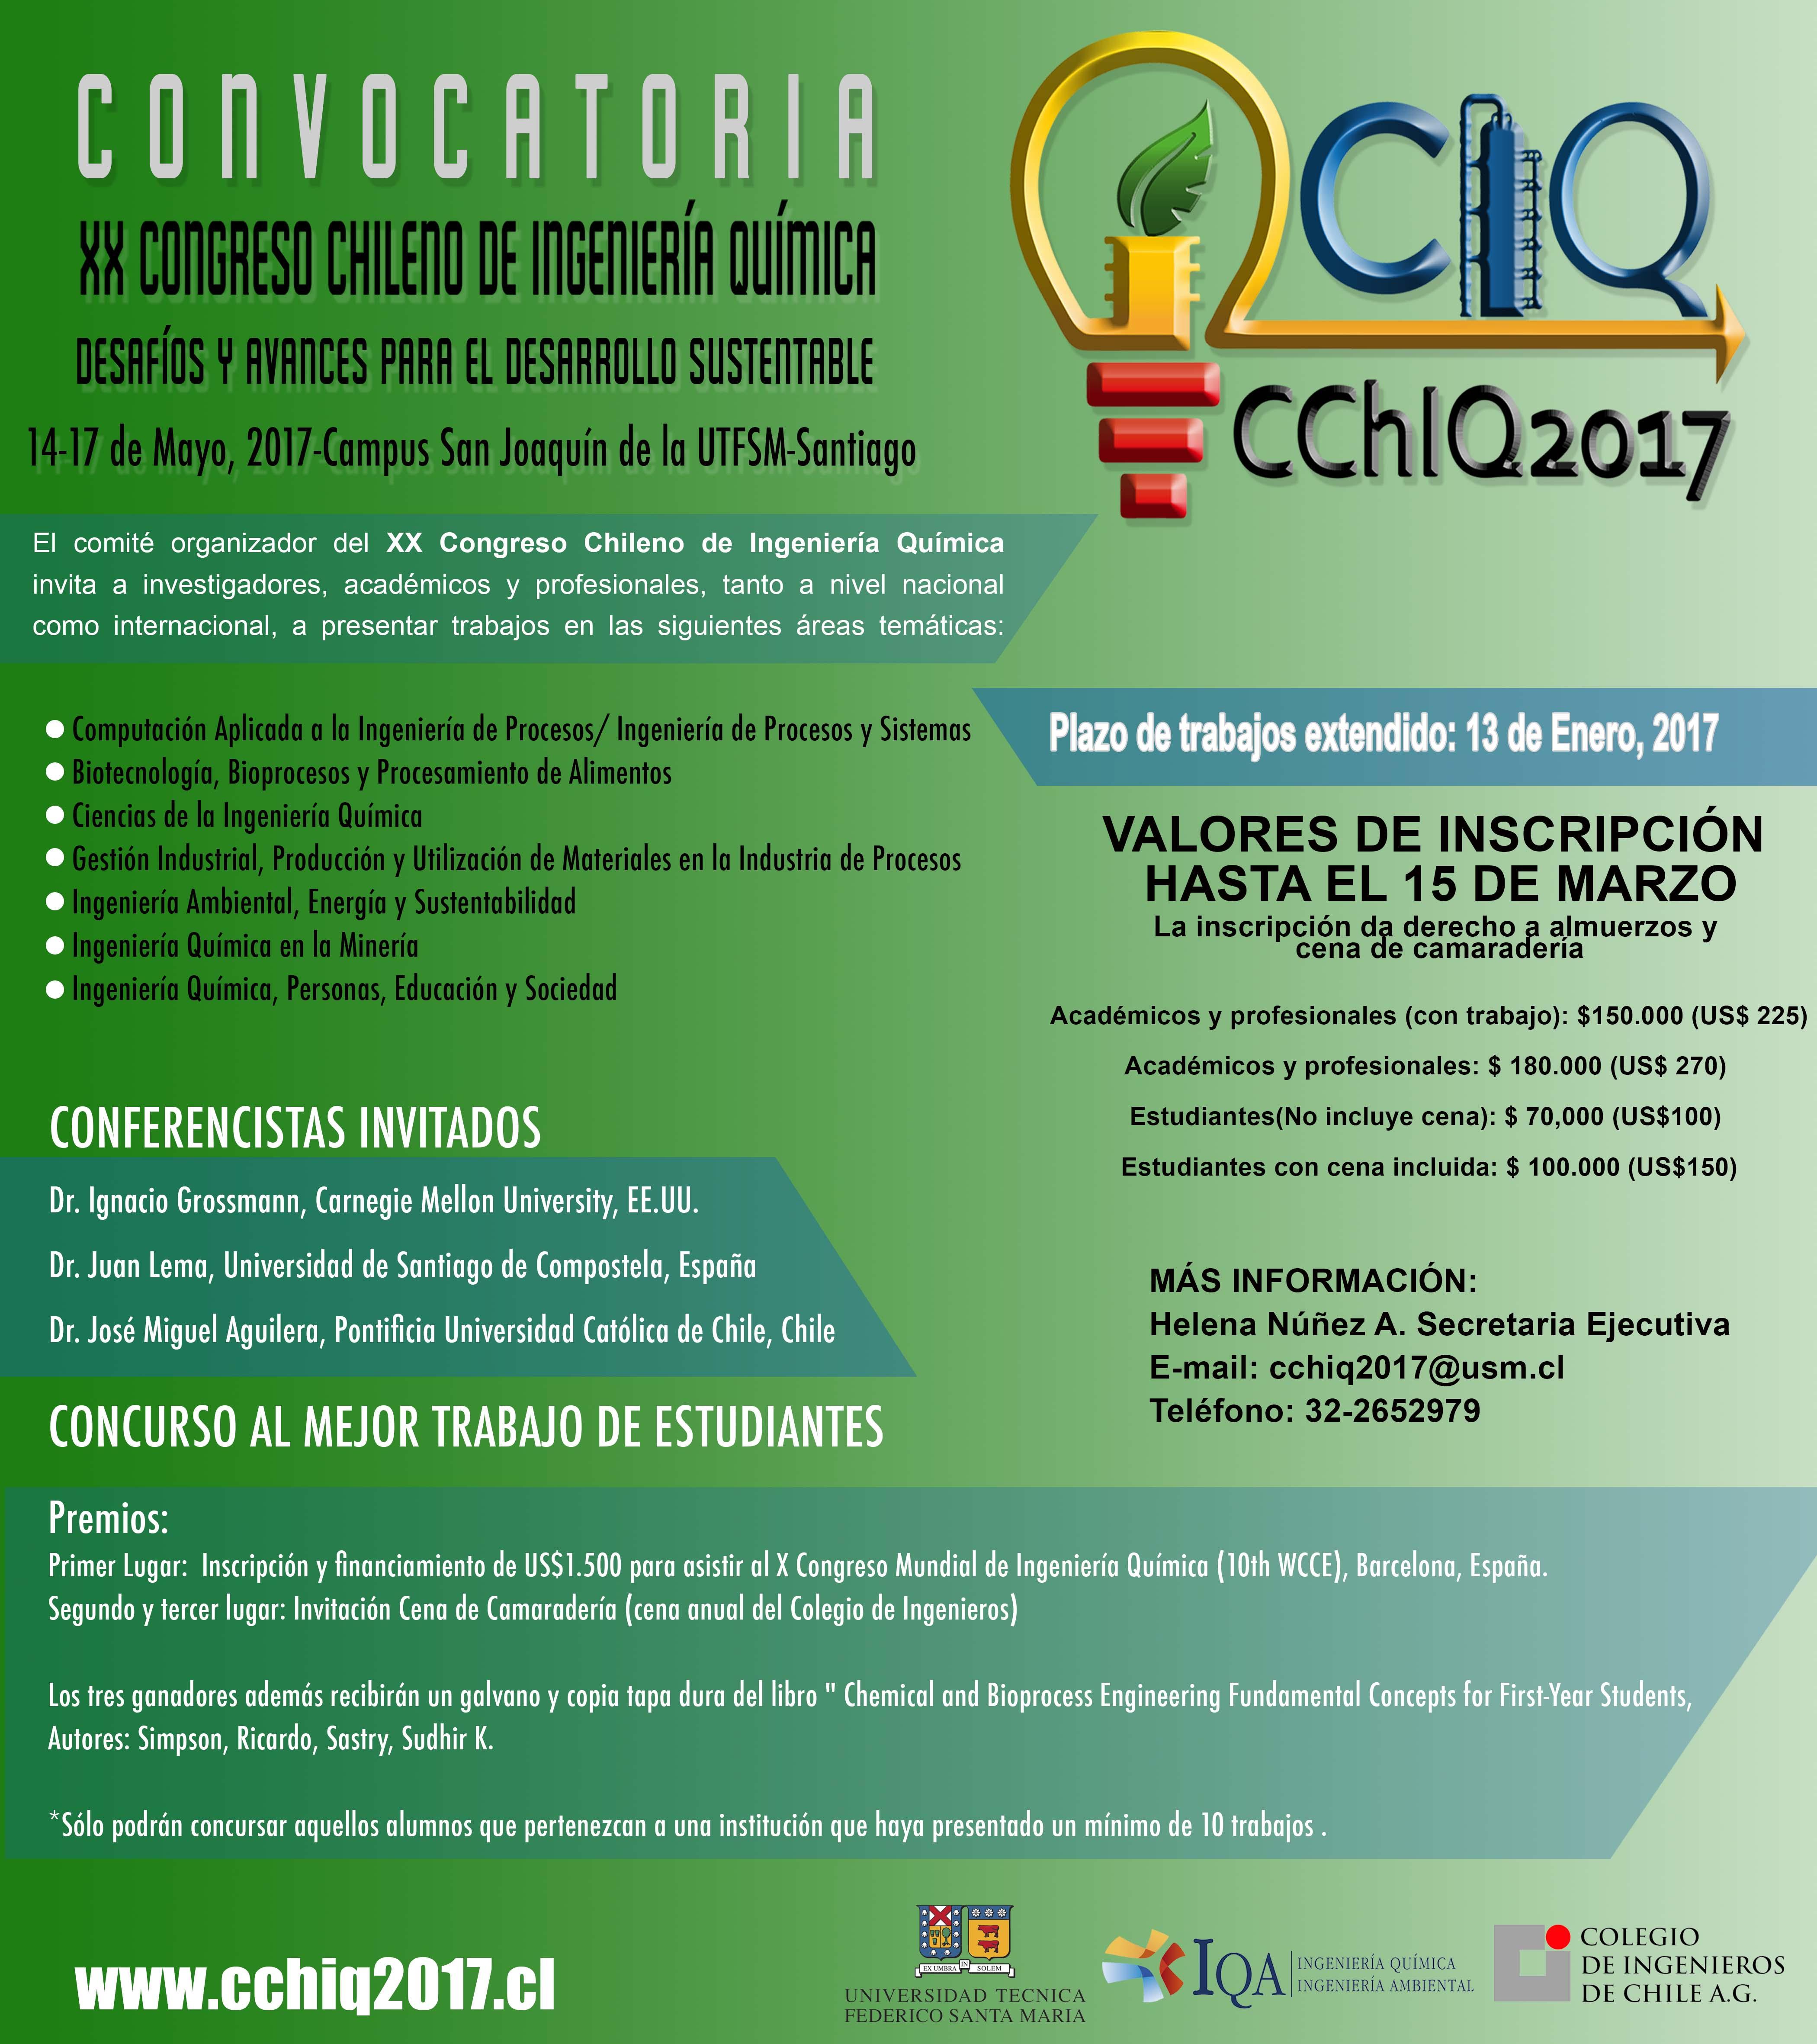 XX CONGRESO CHILENO DE INGENIERA QUMICA Y AMBIENTAL  Sociedad